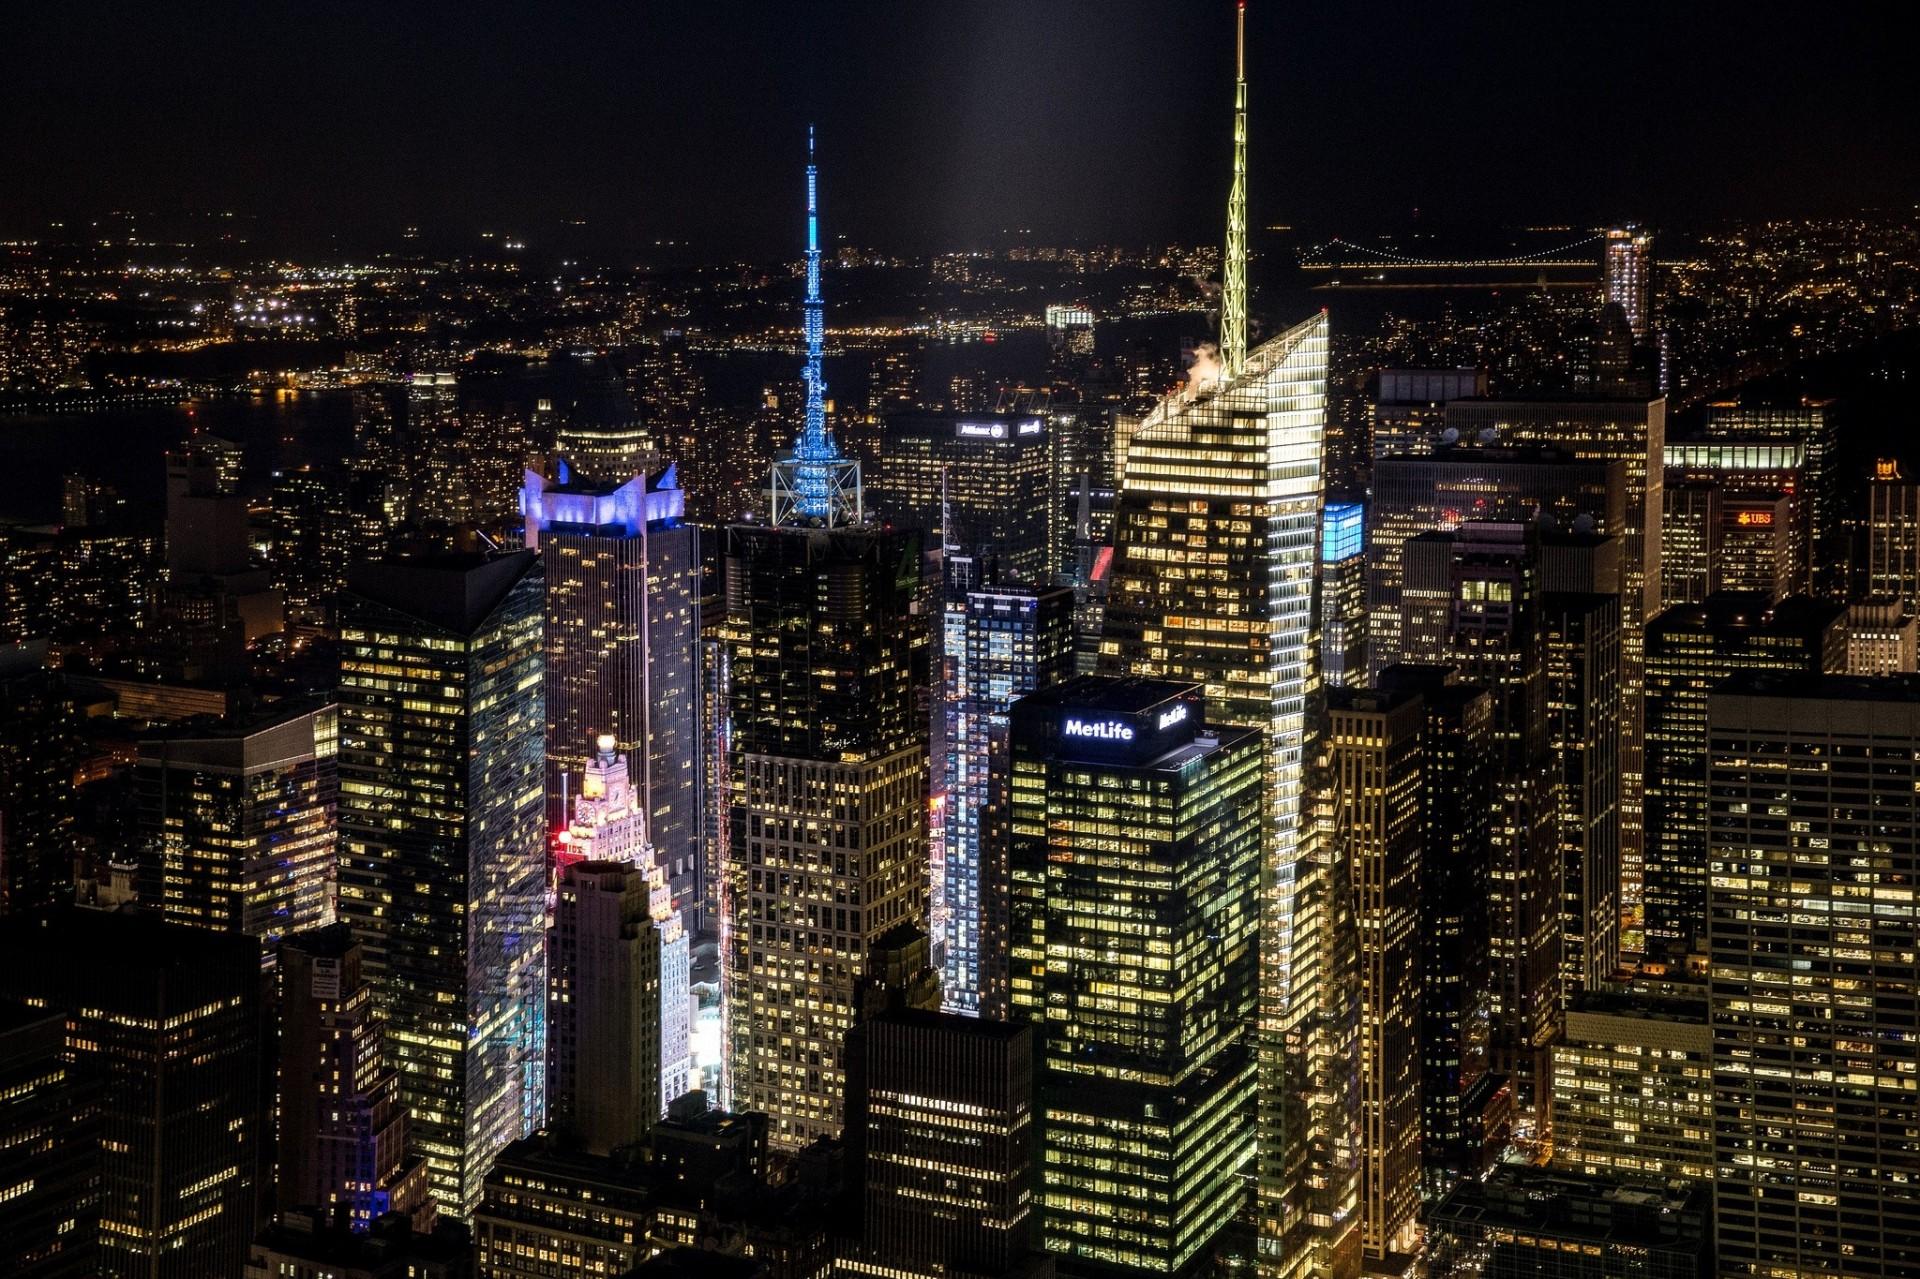 Картинки нью-йорка ночью, открыток смоленск